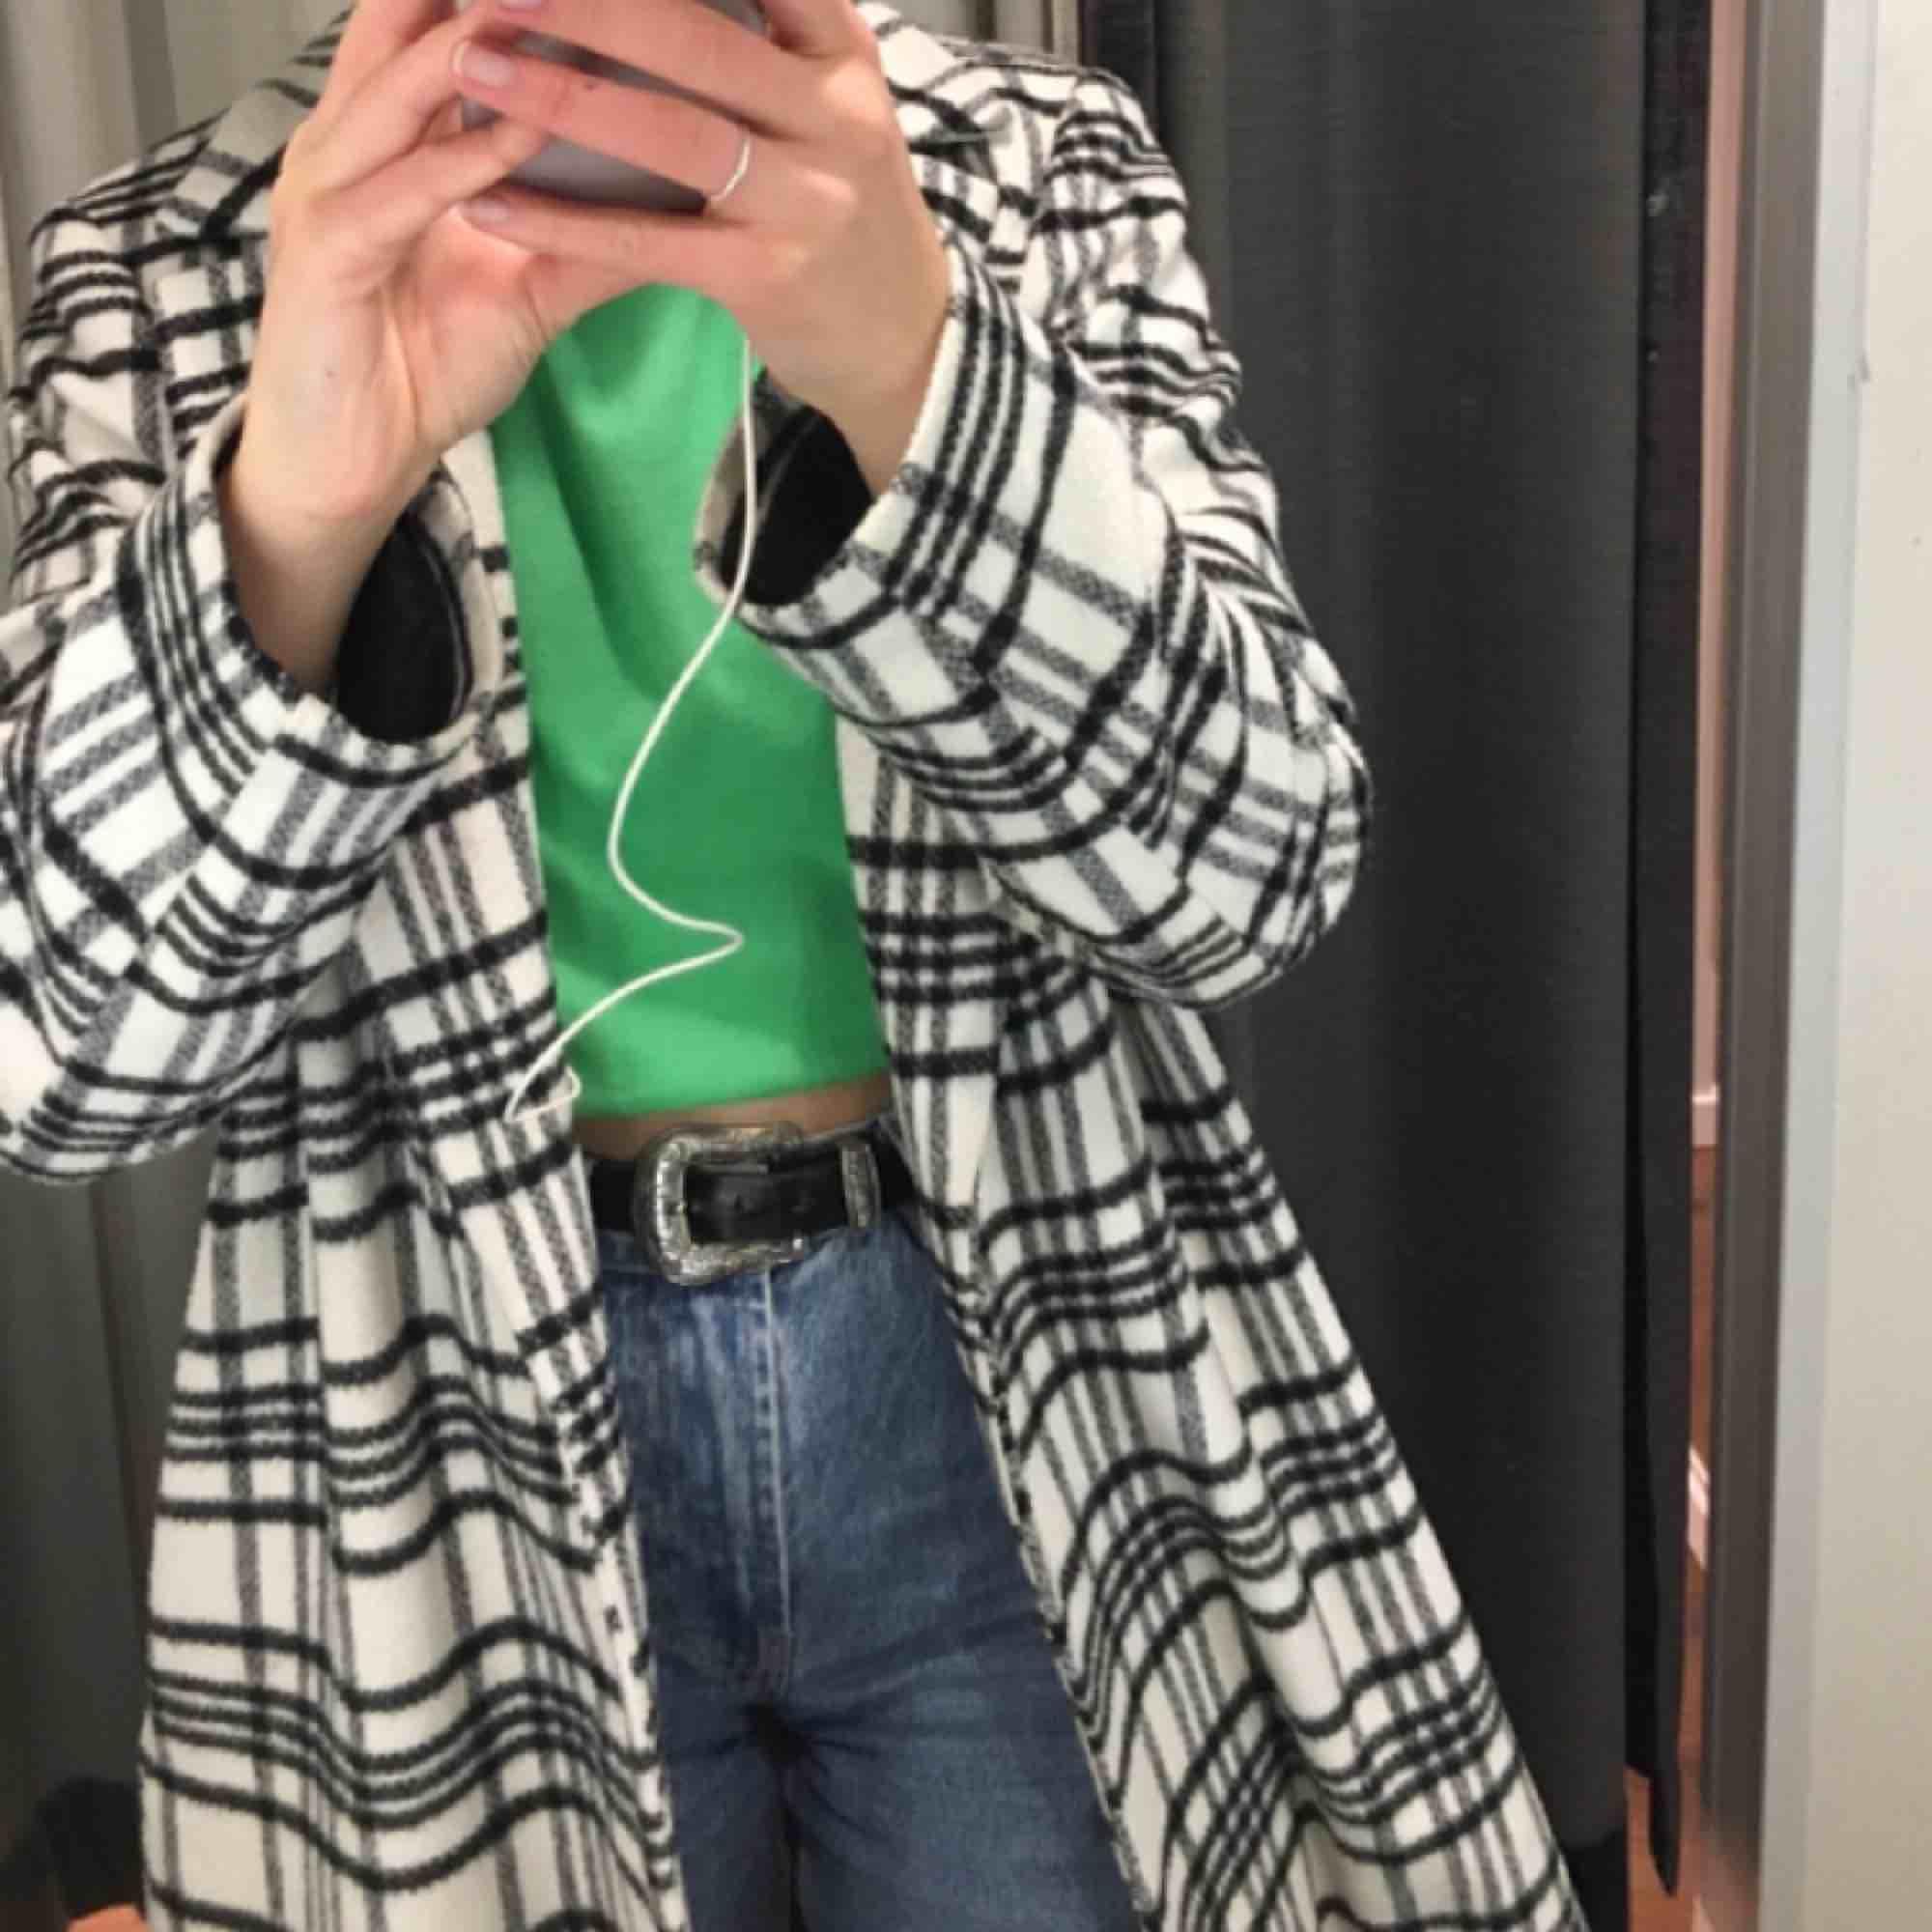 Asfin ullkappa köpt på Hm för 1000kr förra vintern, liten i passform passar mig som är en strl 36/38 har även bälte i midjan i samma färg som ej är med på bild, pris kan prutas för snabb affär! Köparen betalar för ev frakt. Jackor.